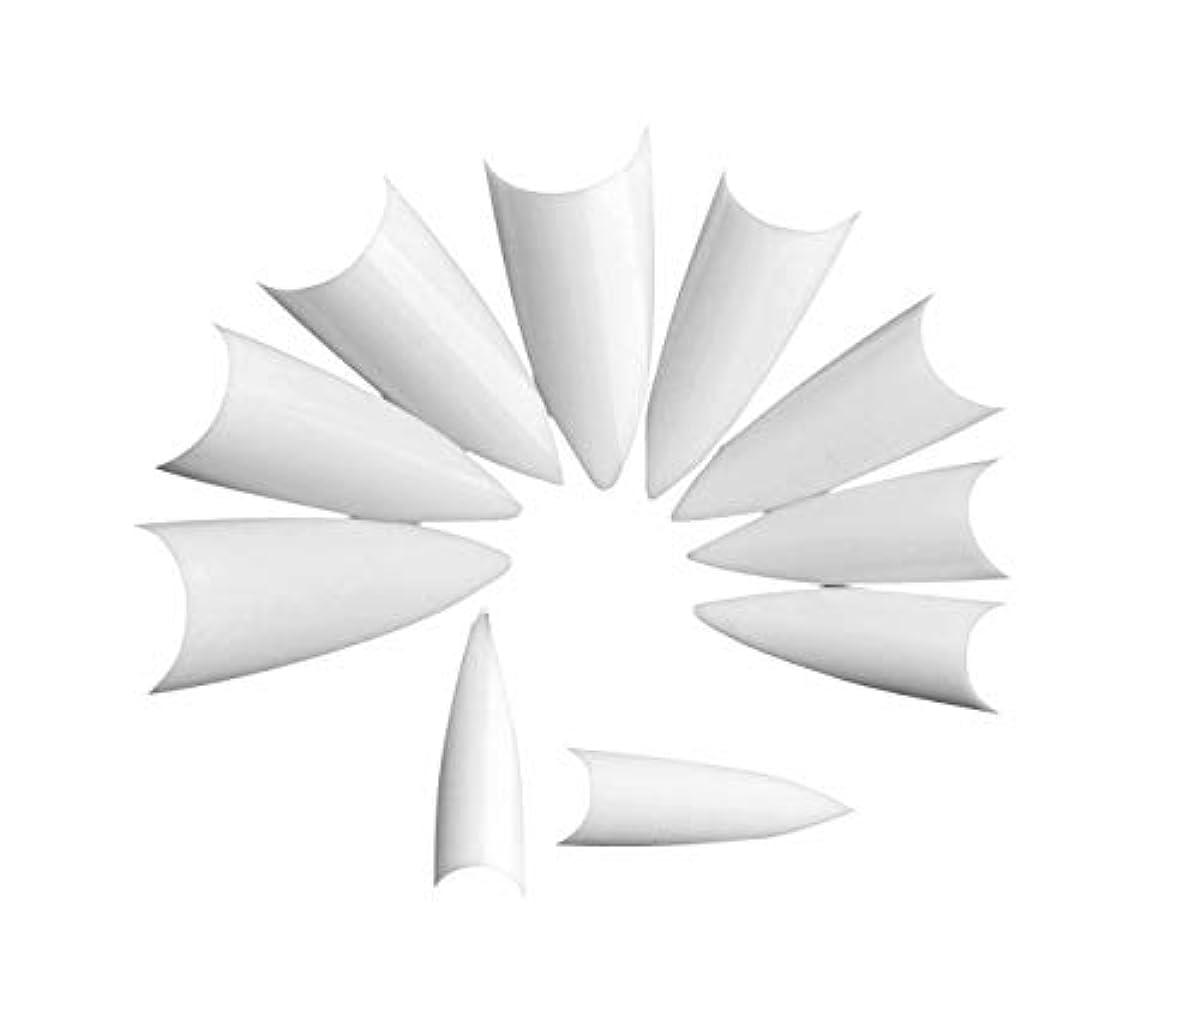 スパークプレビュー治安判事Tianmey フルカバーネイルのヒント女性のための偽の釘ネイルサロンや家庭でのDIYネイルアート用10のサイズ、理想のクリスマスギフトを (Color : White)